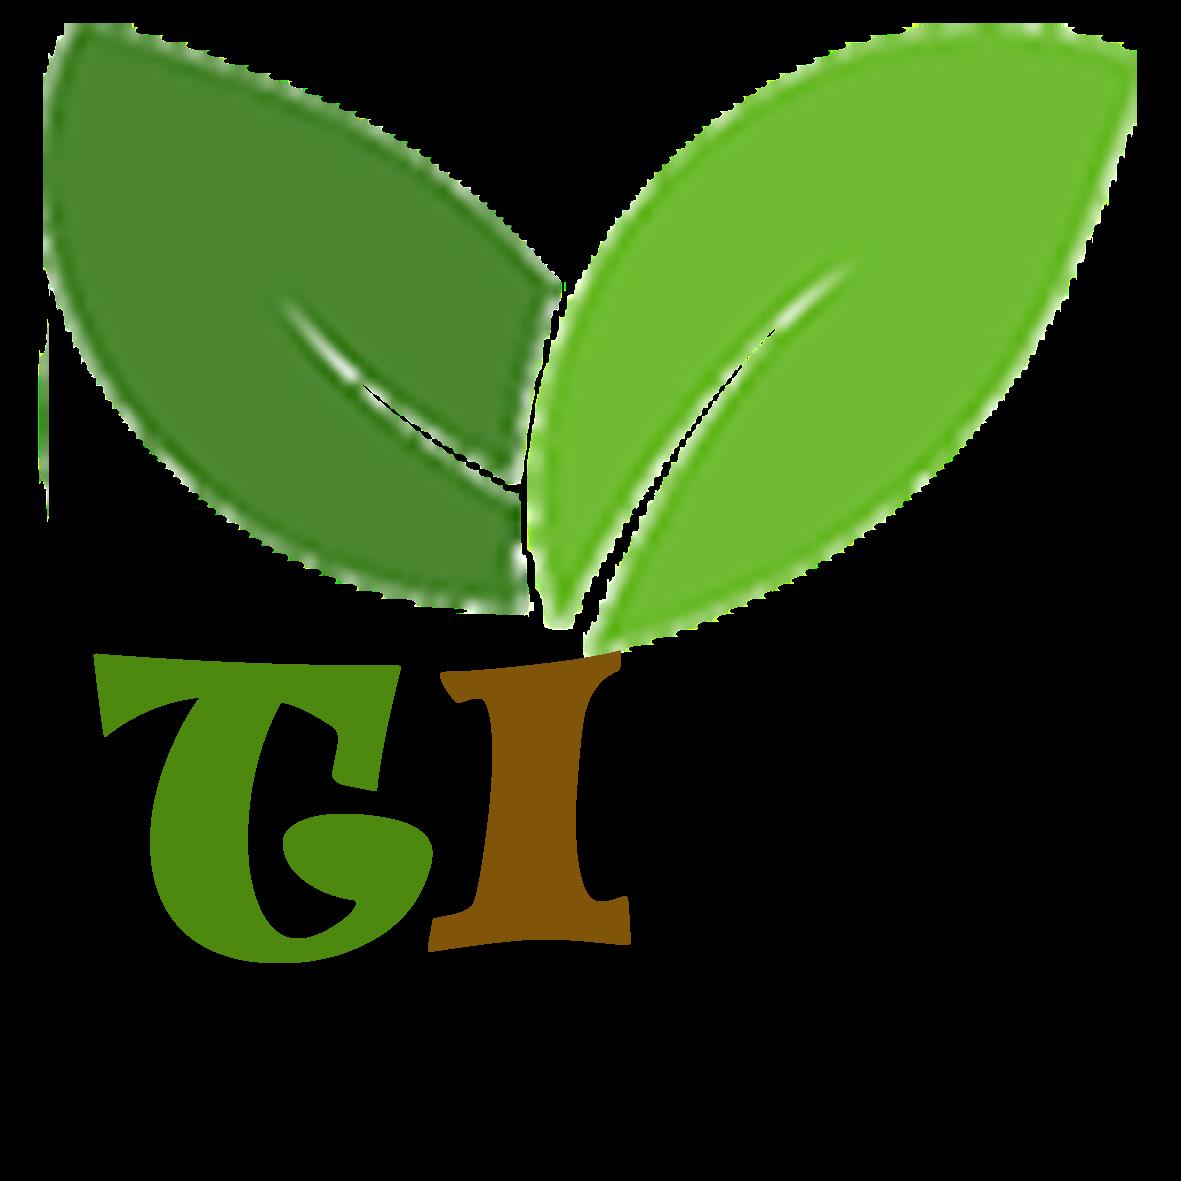 Taman Indah Google Biji Rumput Tanaman Hias